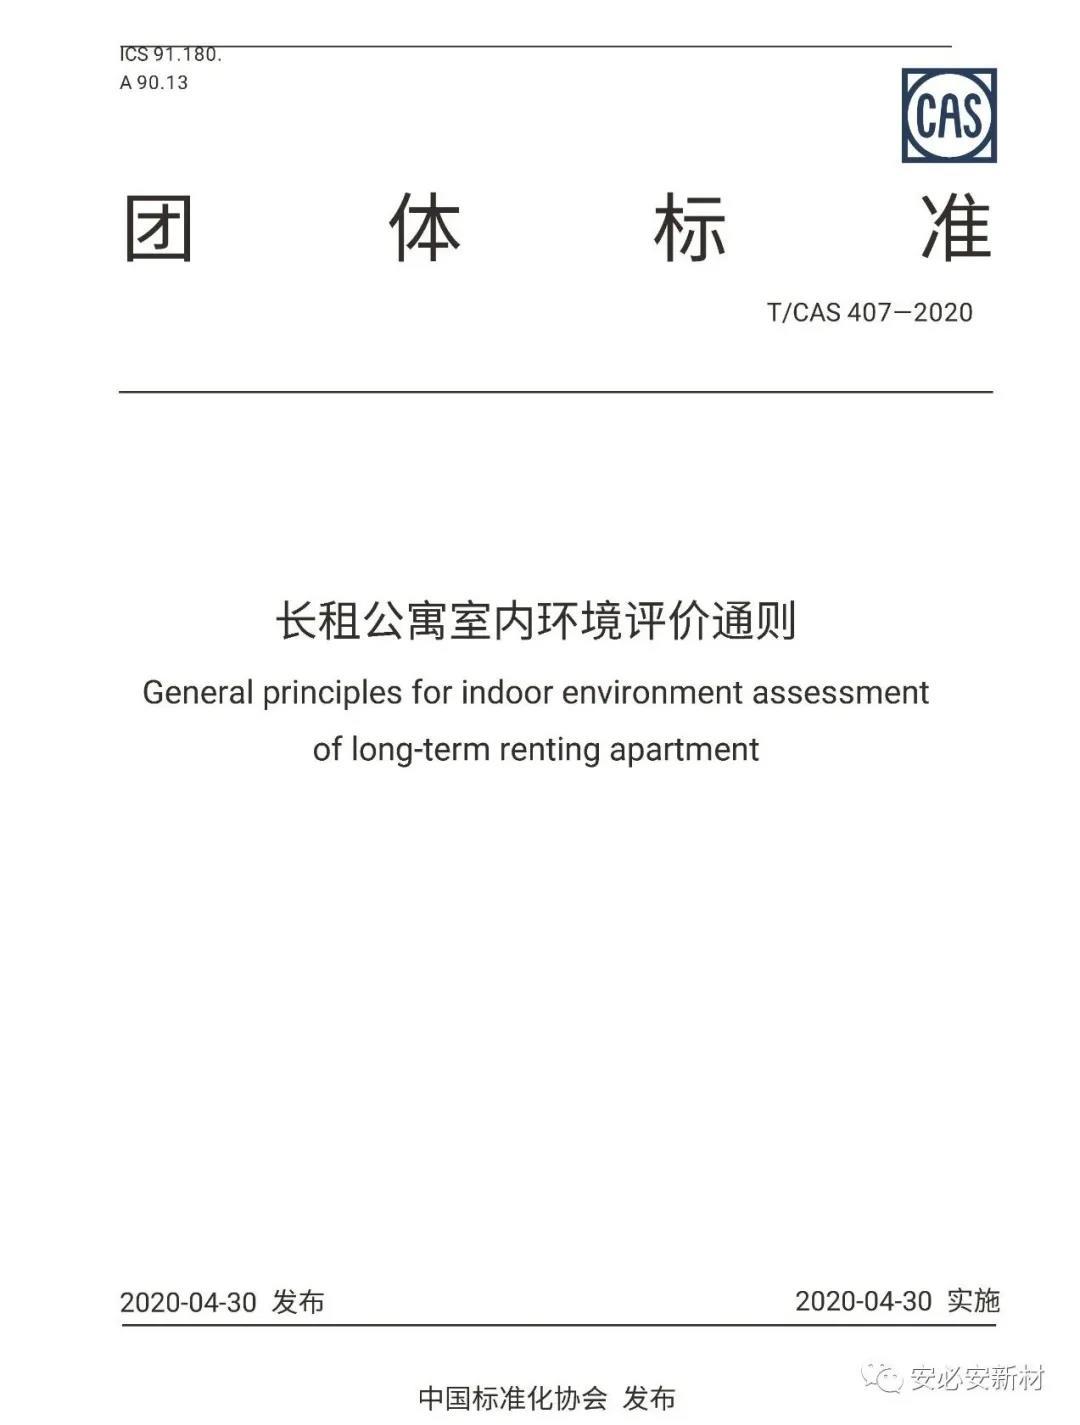 安必安參編的《長租公寓室內環境評價通則》已正式發布!